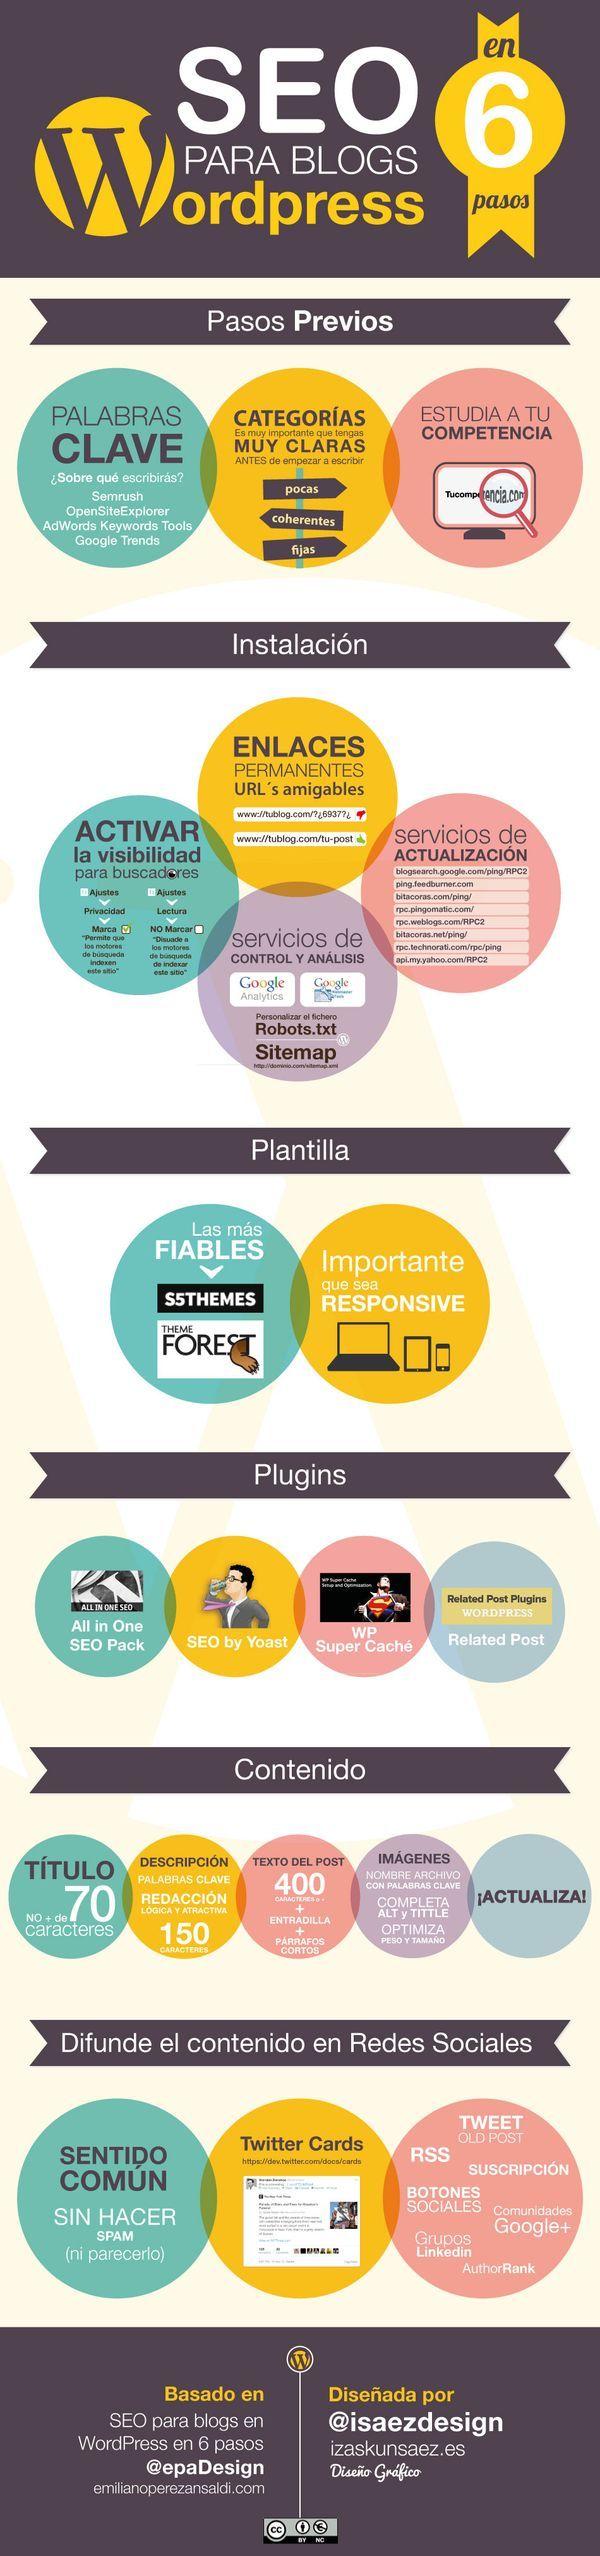 Tips para #wordpress!